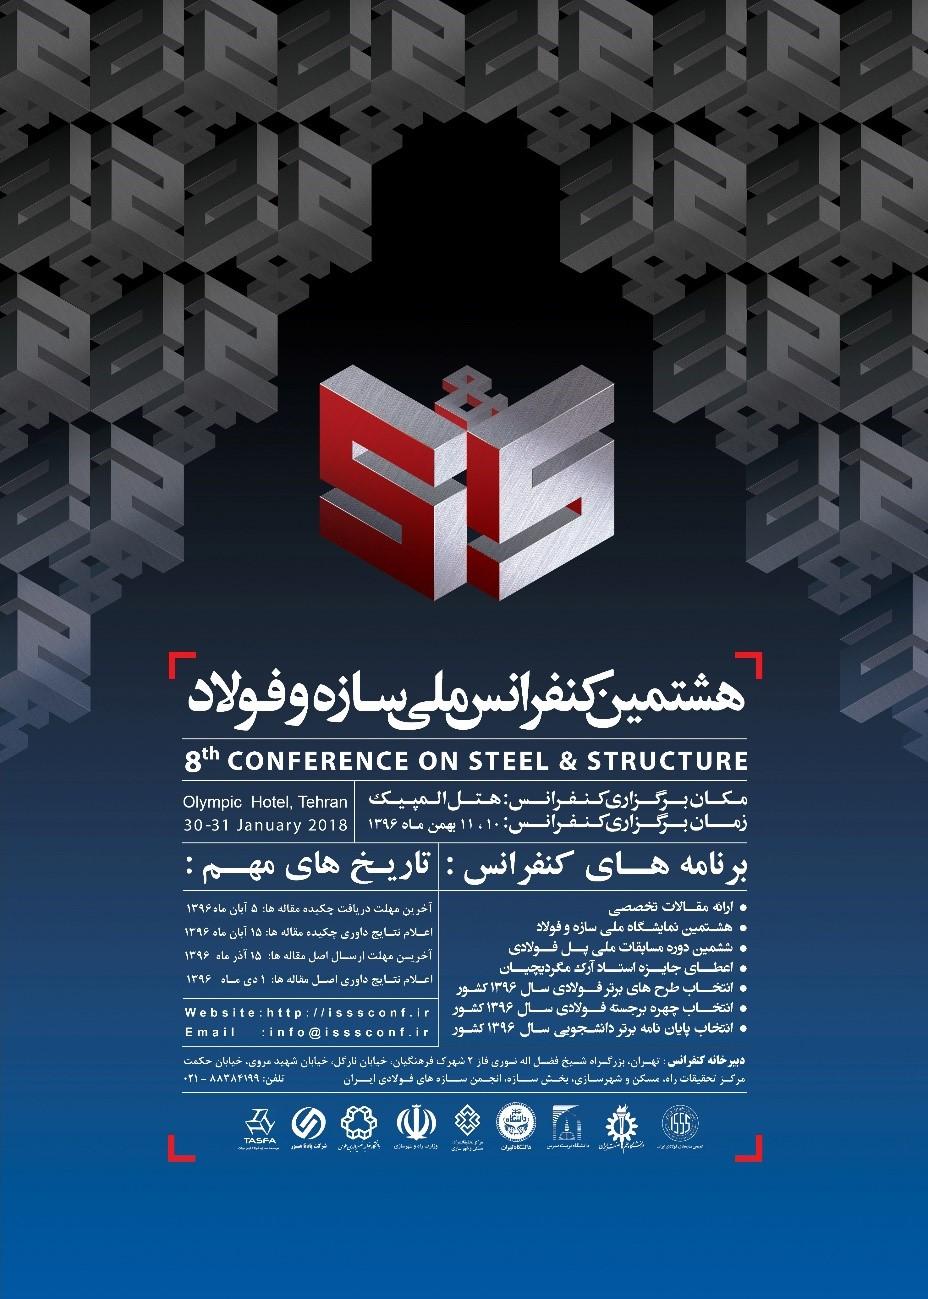 تنها رویداد تخصصی حوزه سازه های فولادی کشور برای هشتمین سال پیاپی برگزار می شود